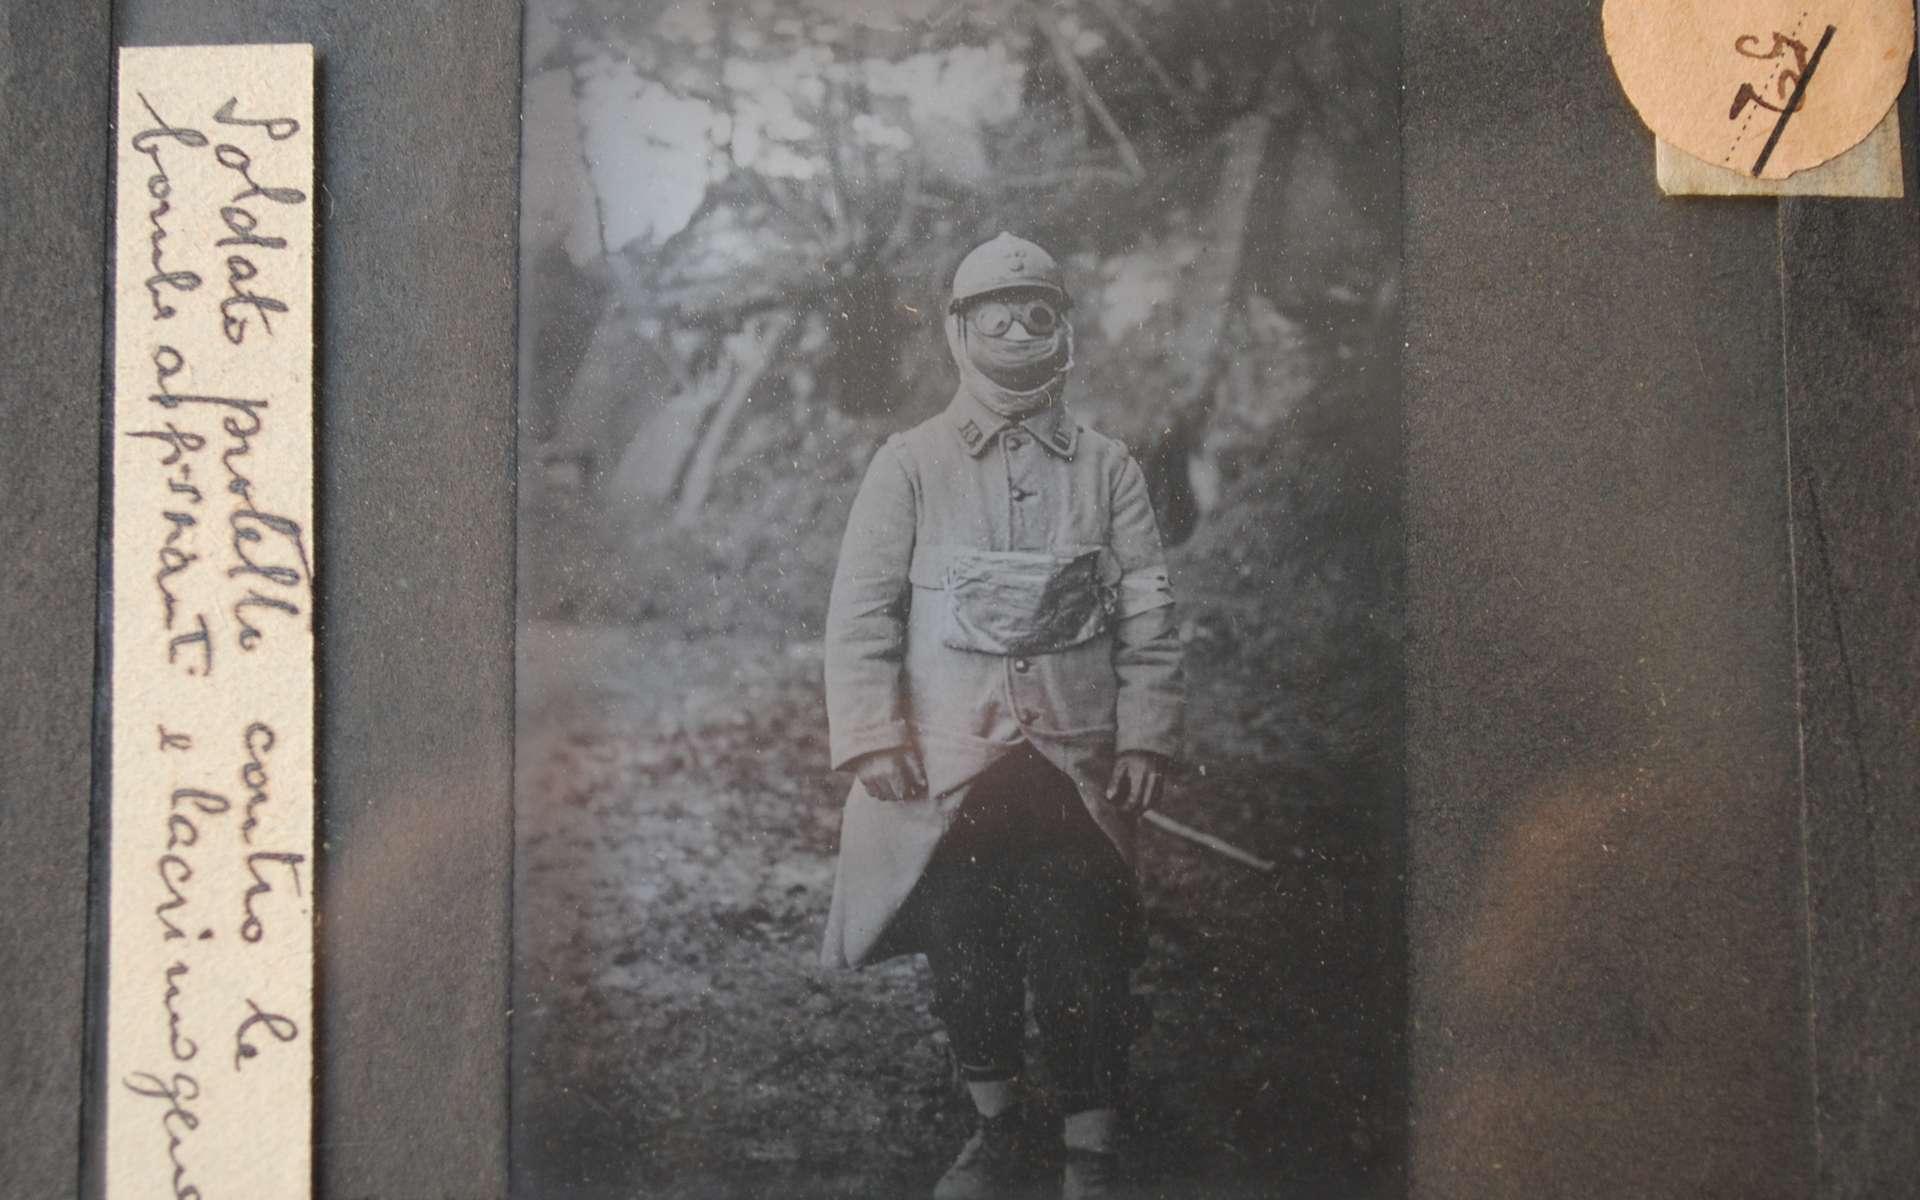 Maladies, froid, faim, manque d'hygiène, la vie du poilu dans les tranchées est un enfer. Plaque photographique d'un soldat protégé contre les gaz de combat de la première guerre mondiale. © Fonds de l'Institut français de Florence